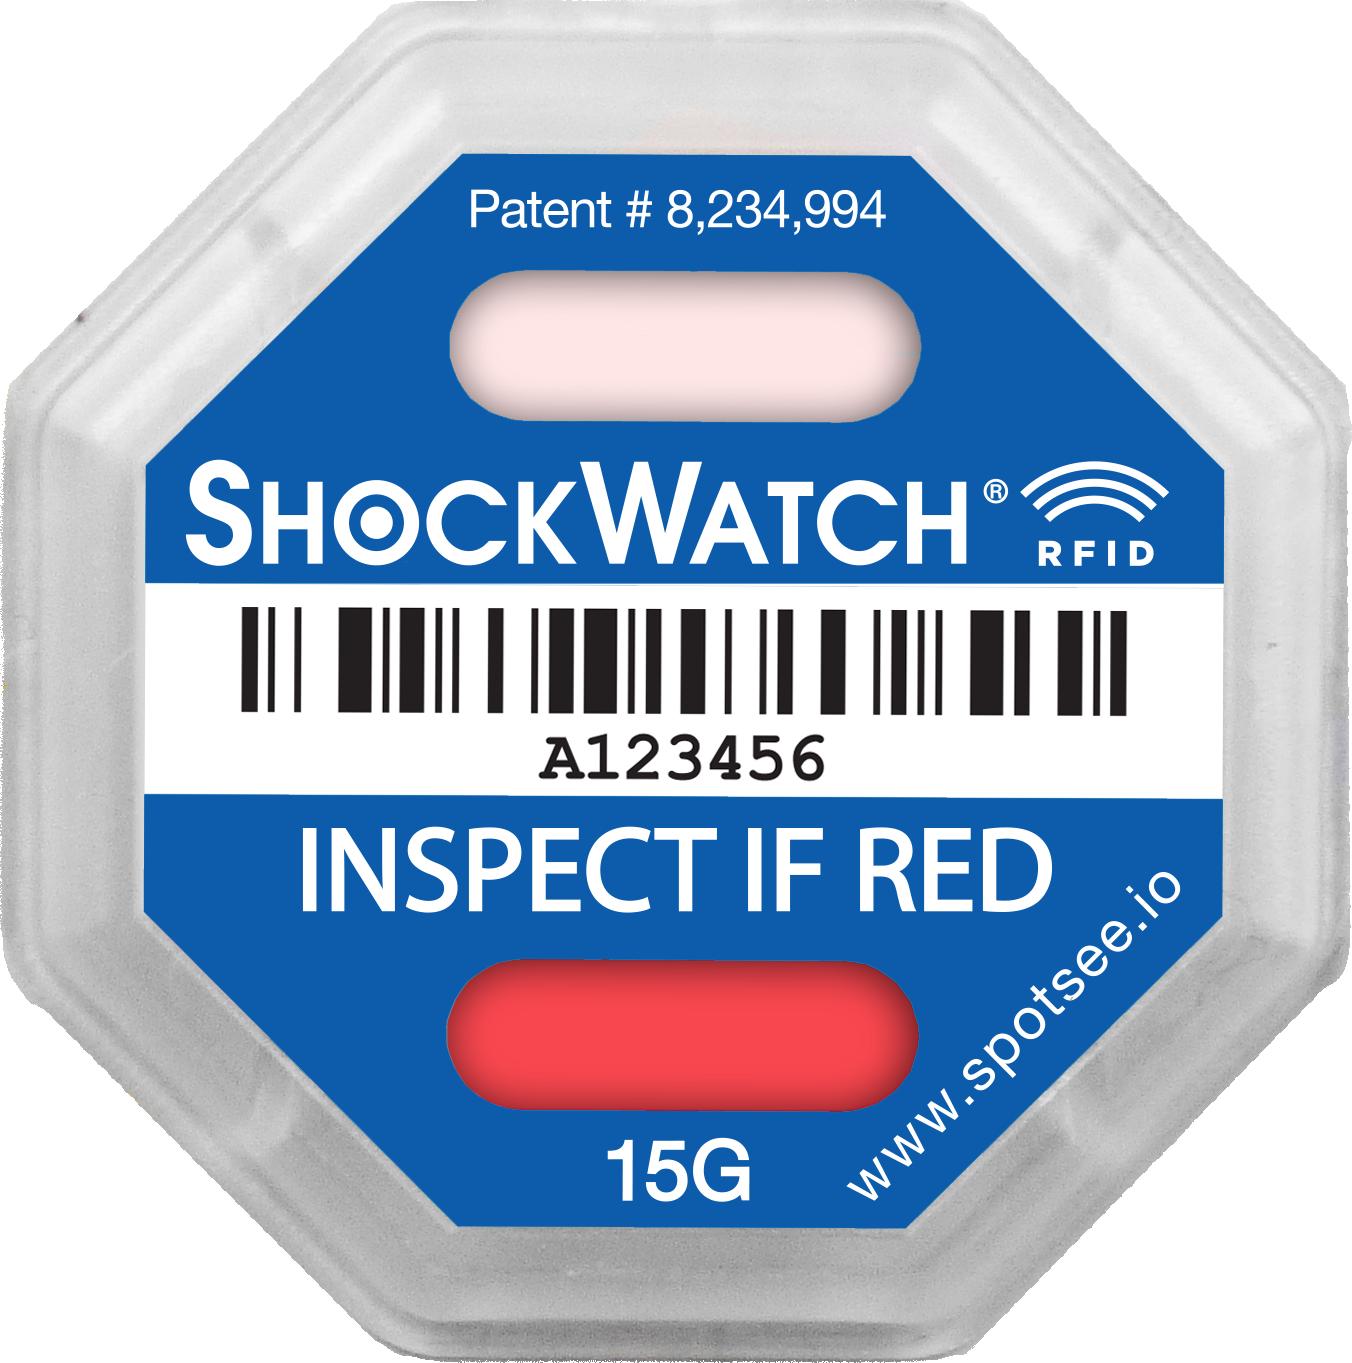 SW213_SW2RFID_LabelMockup_15GA_R2V1_11-2-18